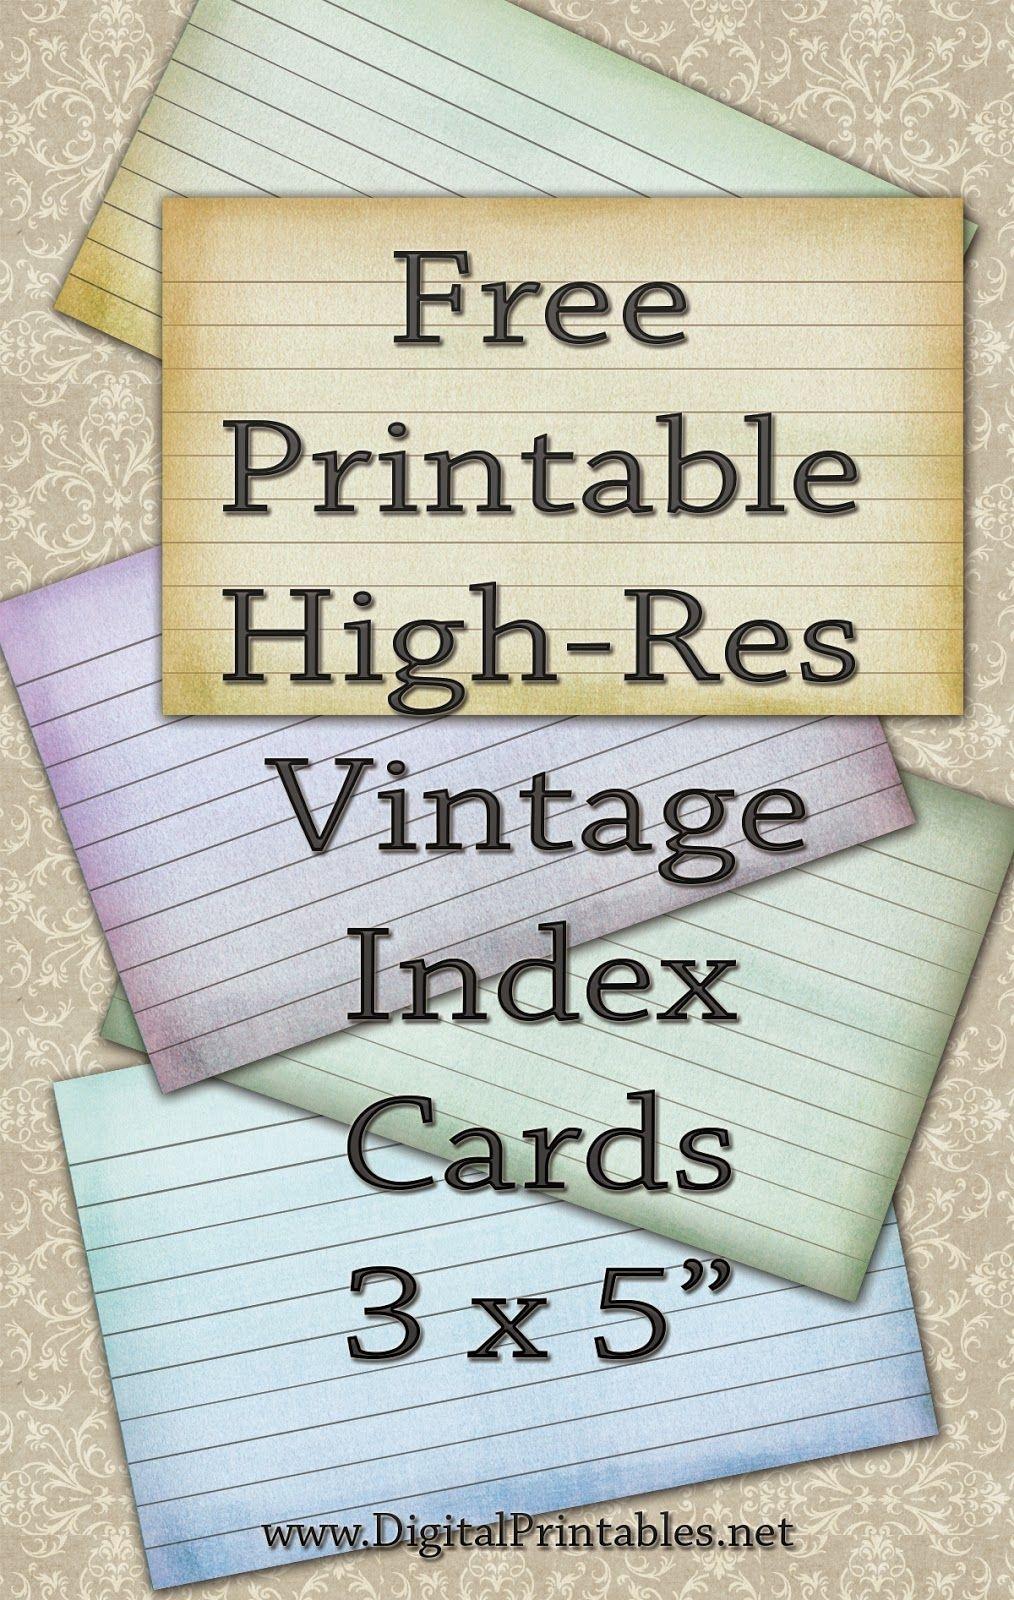 Free Printable Index Cards Vintage Look High Res | Freebies - Free Printable Index Cards